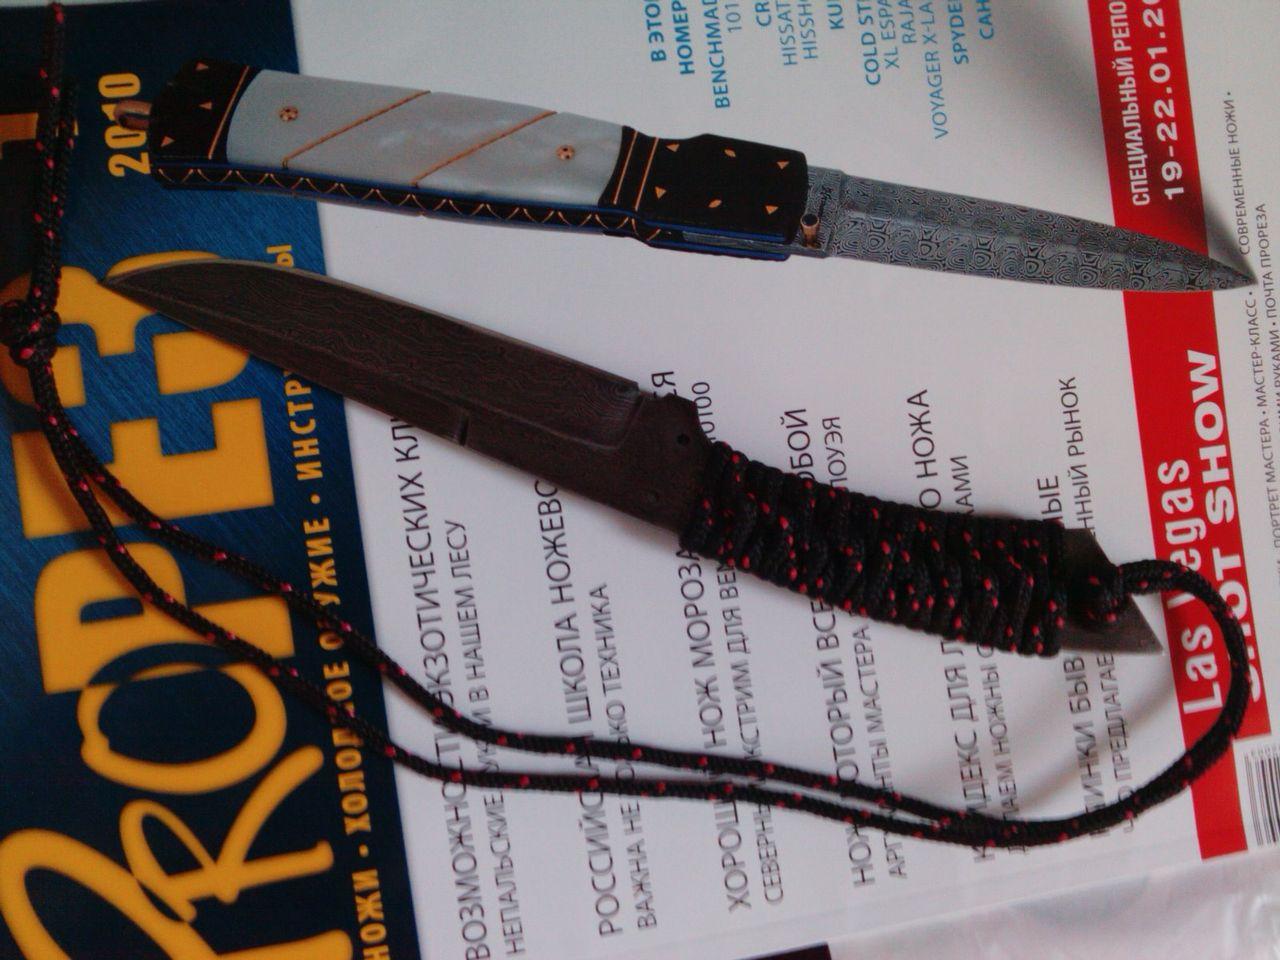 Нож из кабеля и веревки в примитивном стиле - Pikabu 83